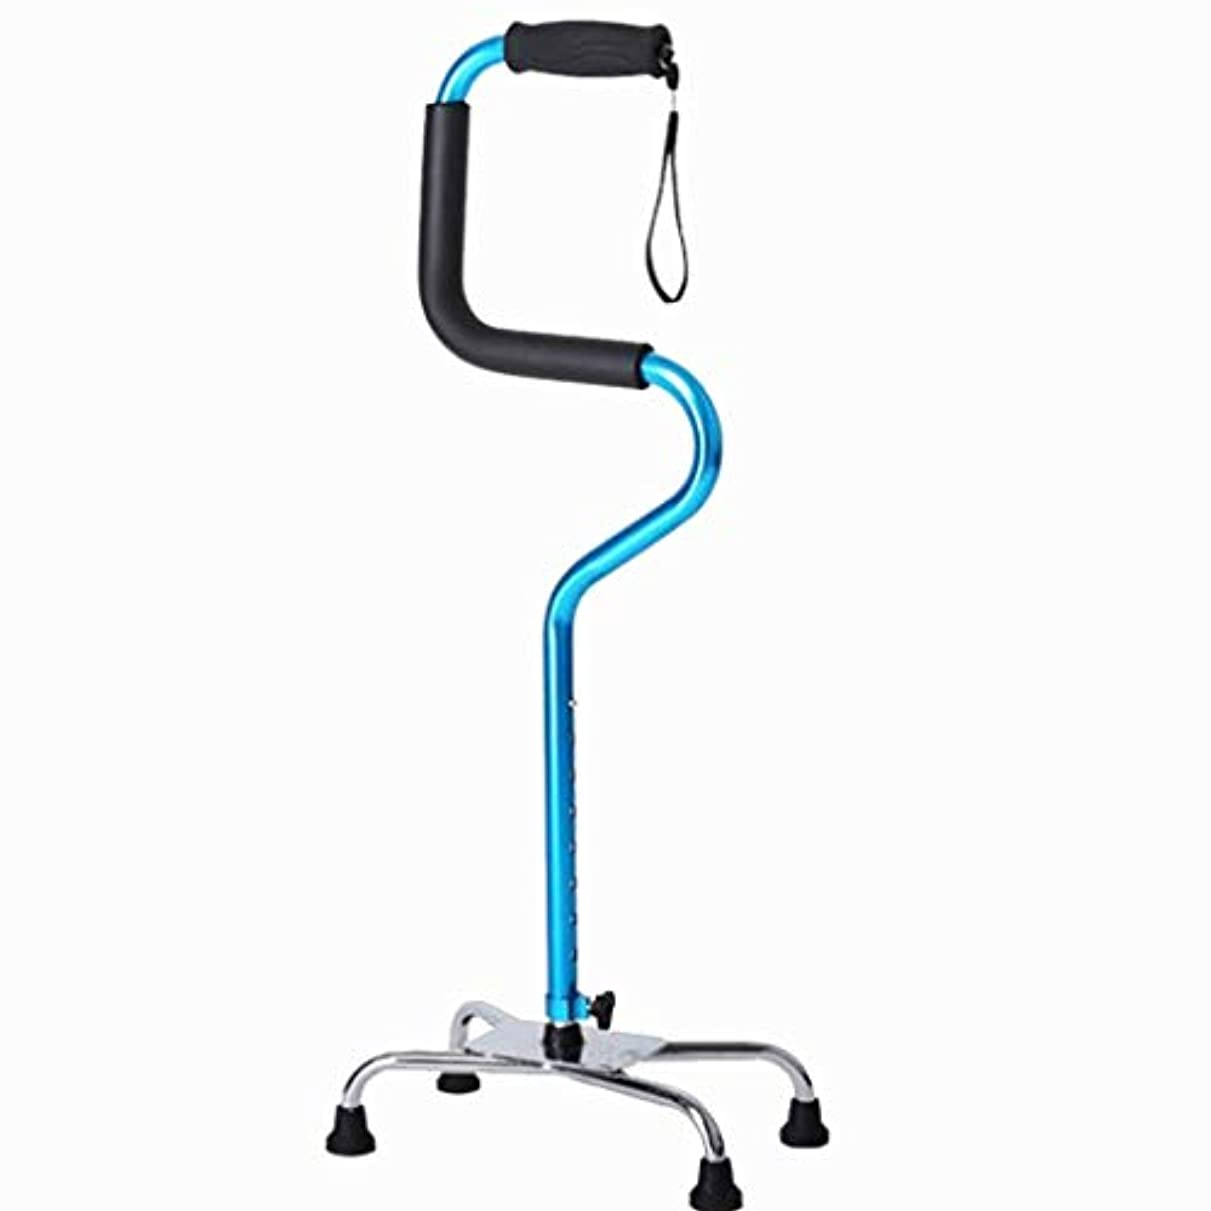 操縦する時刻表ドラフトエイズ、調節可能な杖、高齢者松葉杖、ノンスリップ松葉杖、補助杖を歩く松葉杖、アルミ合金松葉杖、。